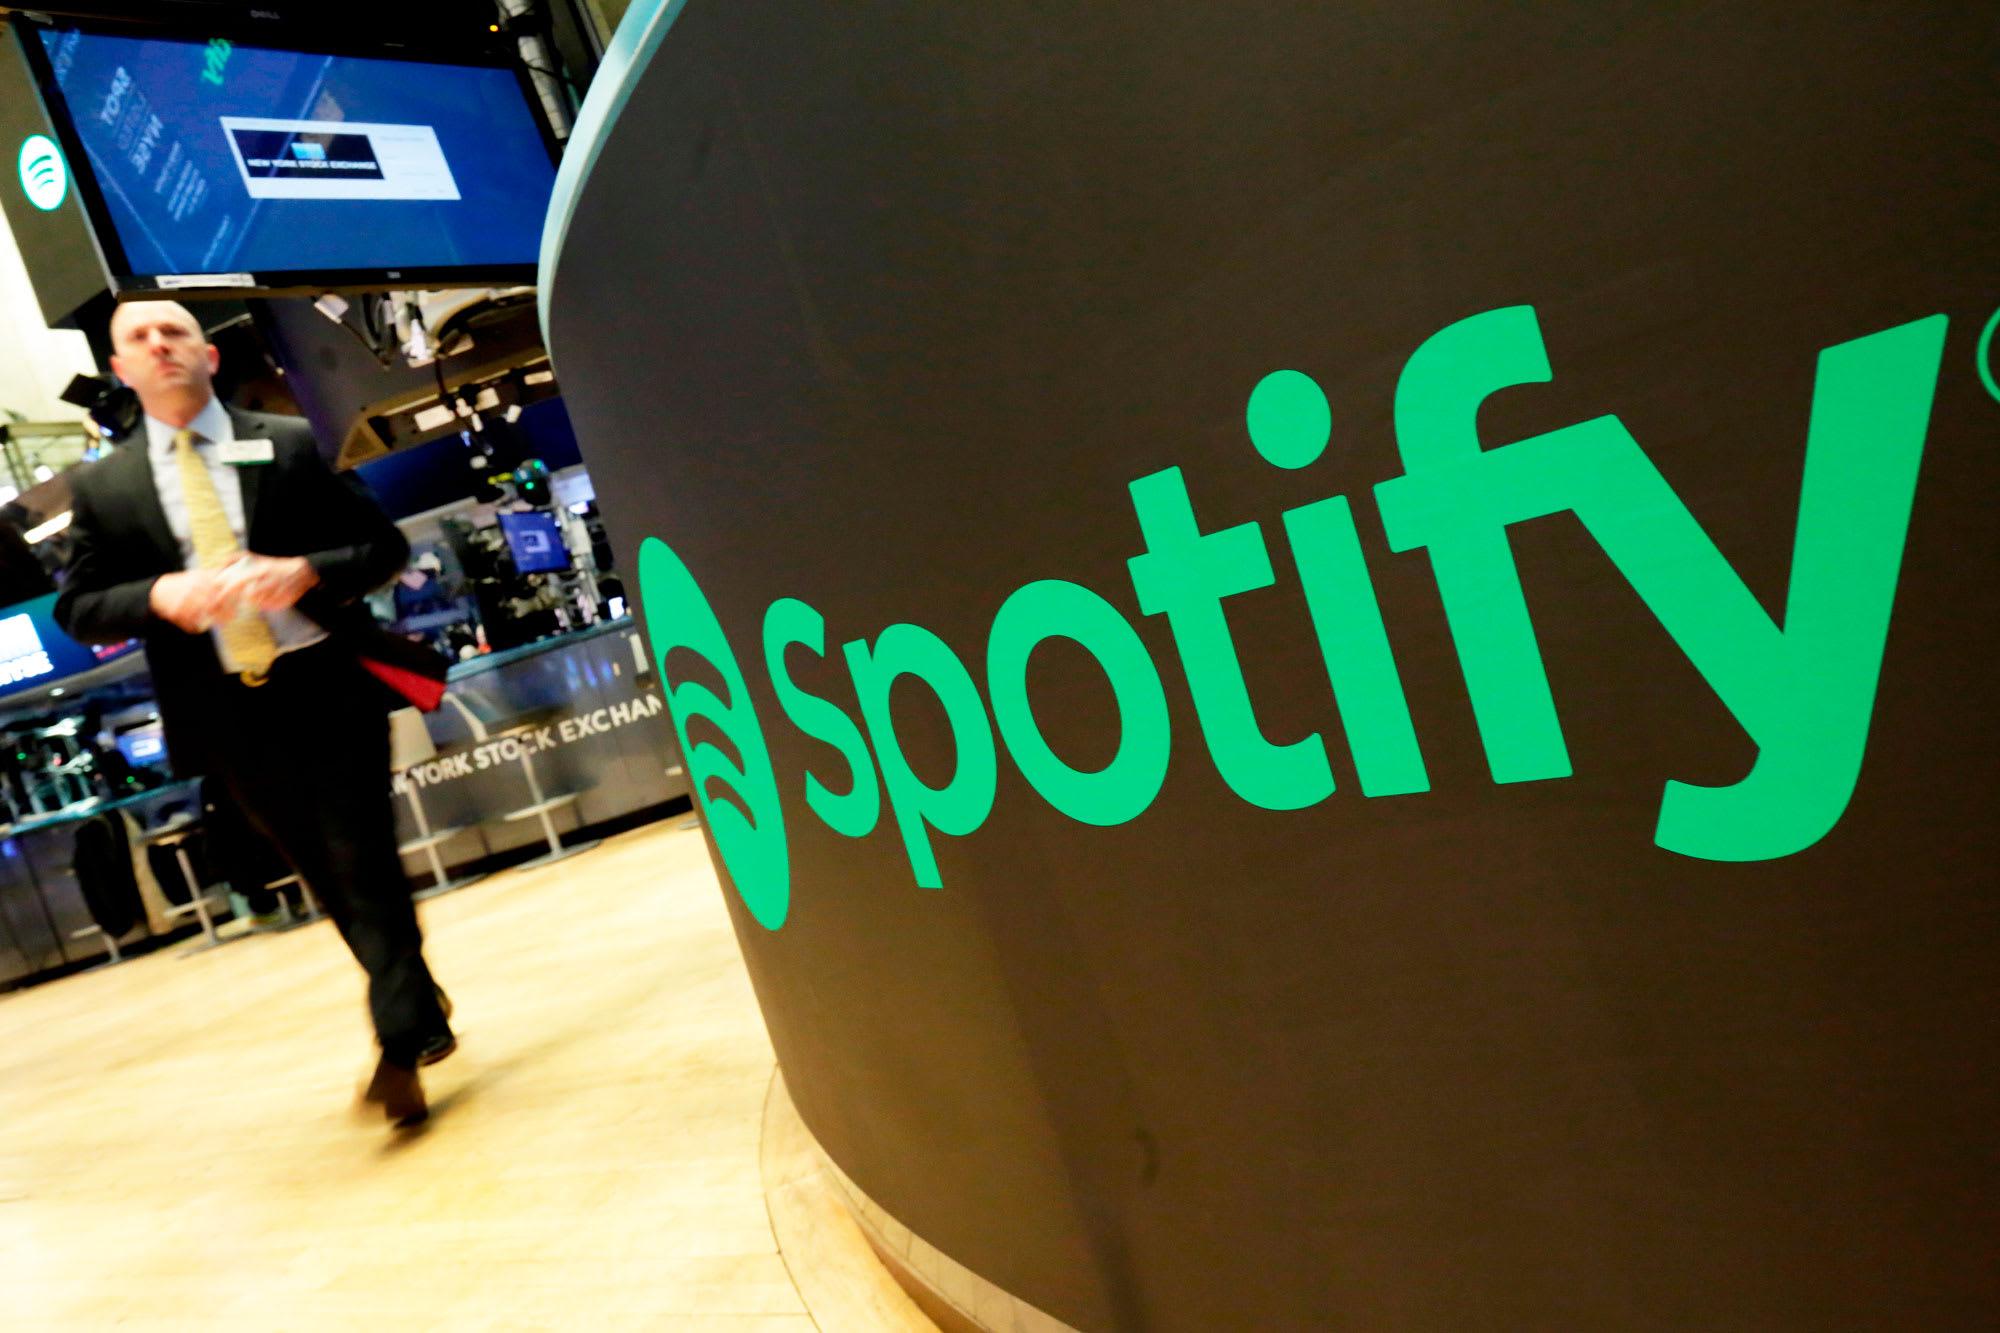 USA kohus küsis Spotifyst lisateavet Apple'i vastu esitatud süüdistuse kohta